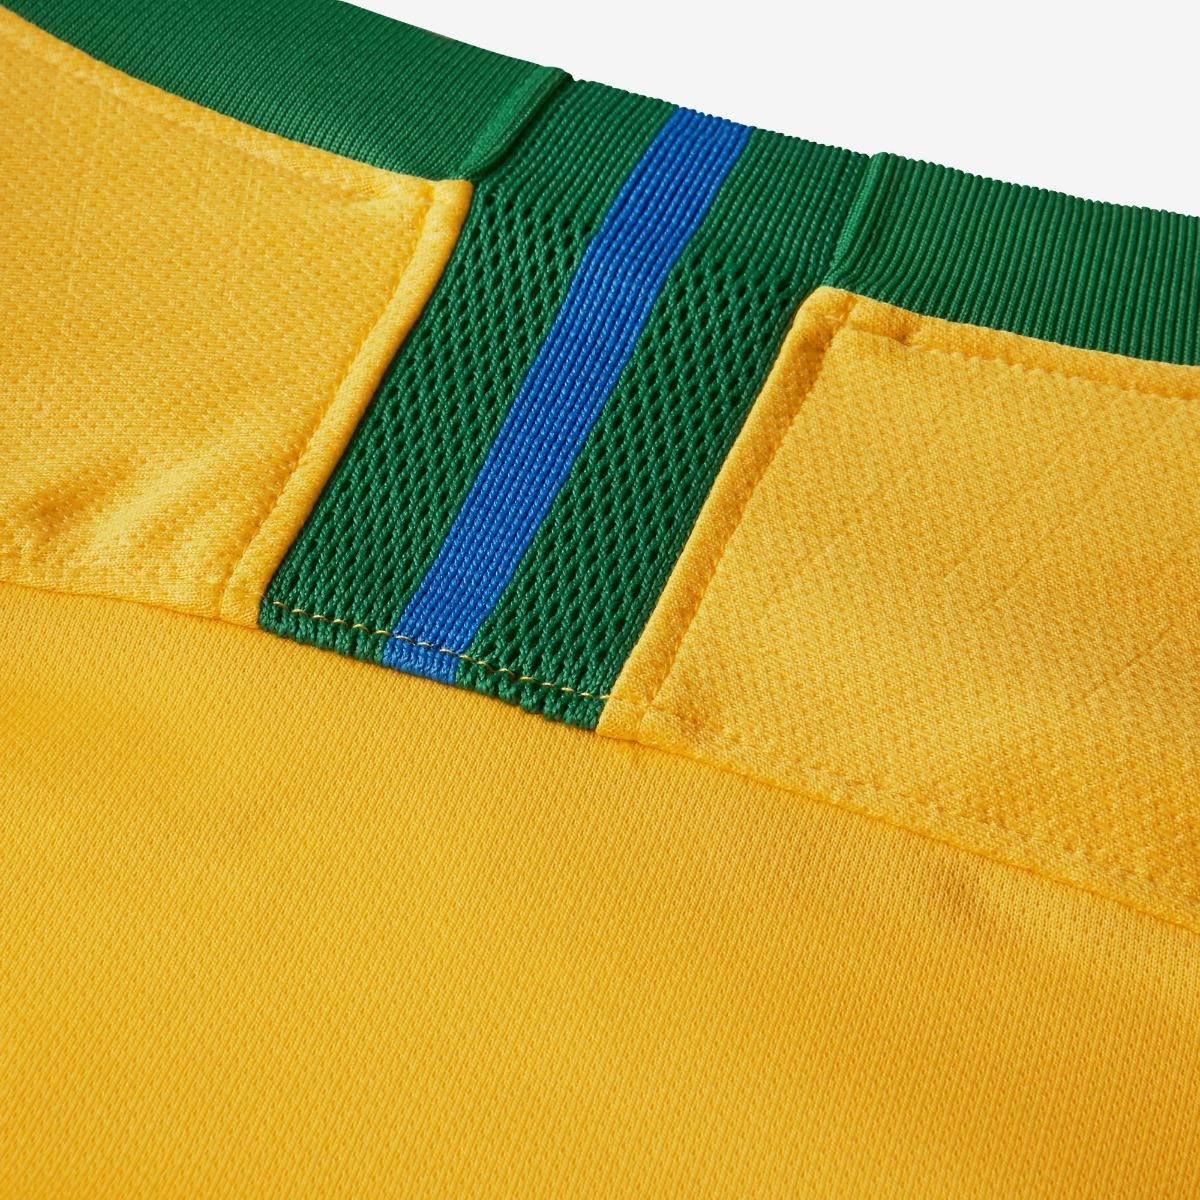 3fc32e6536 Kit C  2 Camisa Seleção Brasileira Oficial Brasil Copa 2018 - R  169 ...